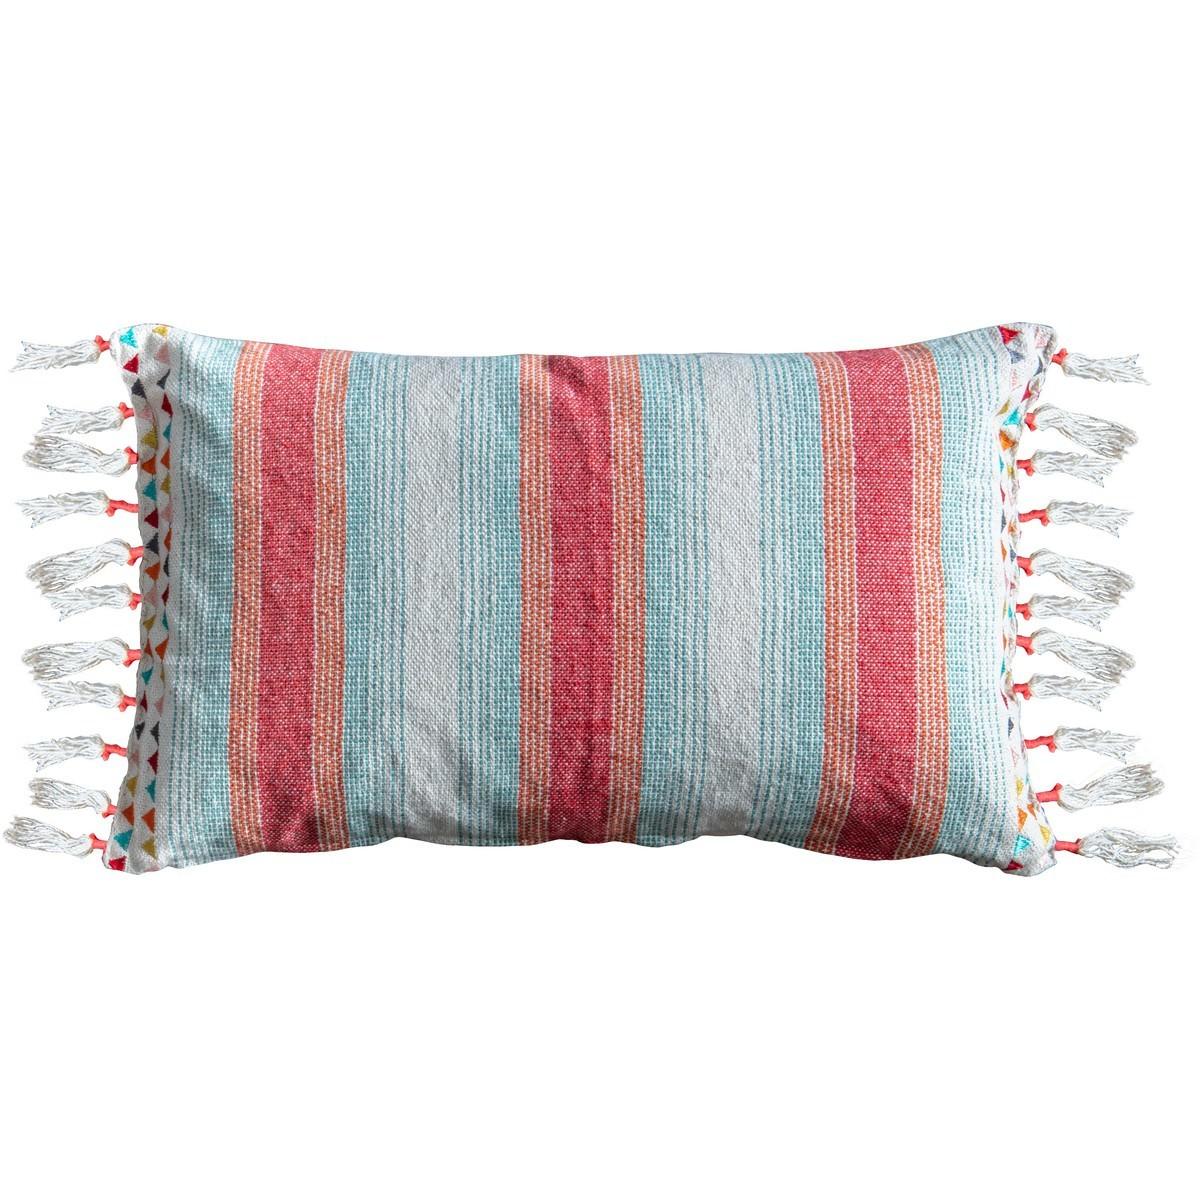 Gracie Cotton Lumbar Cushion, Teal / Coral